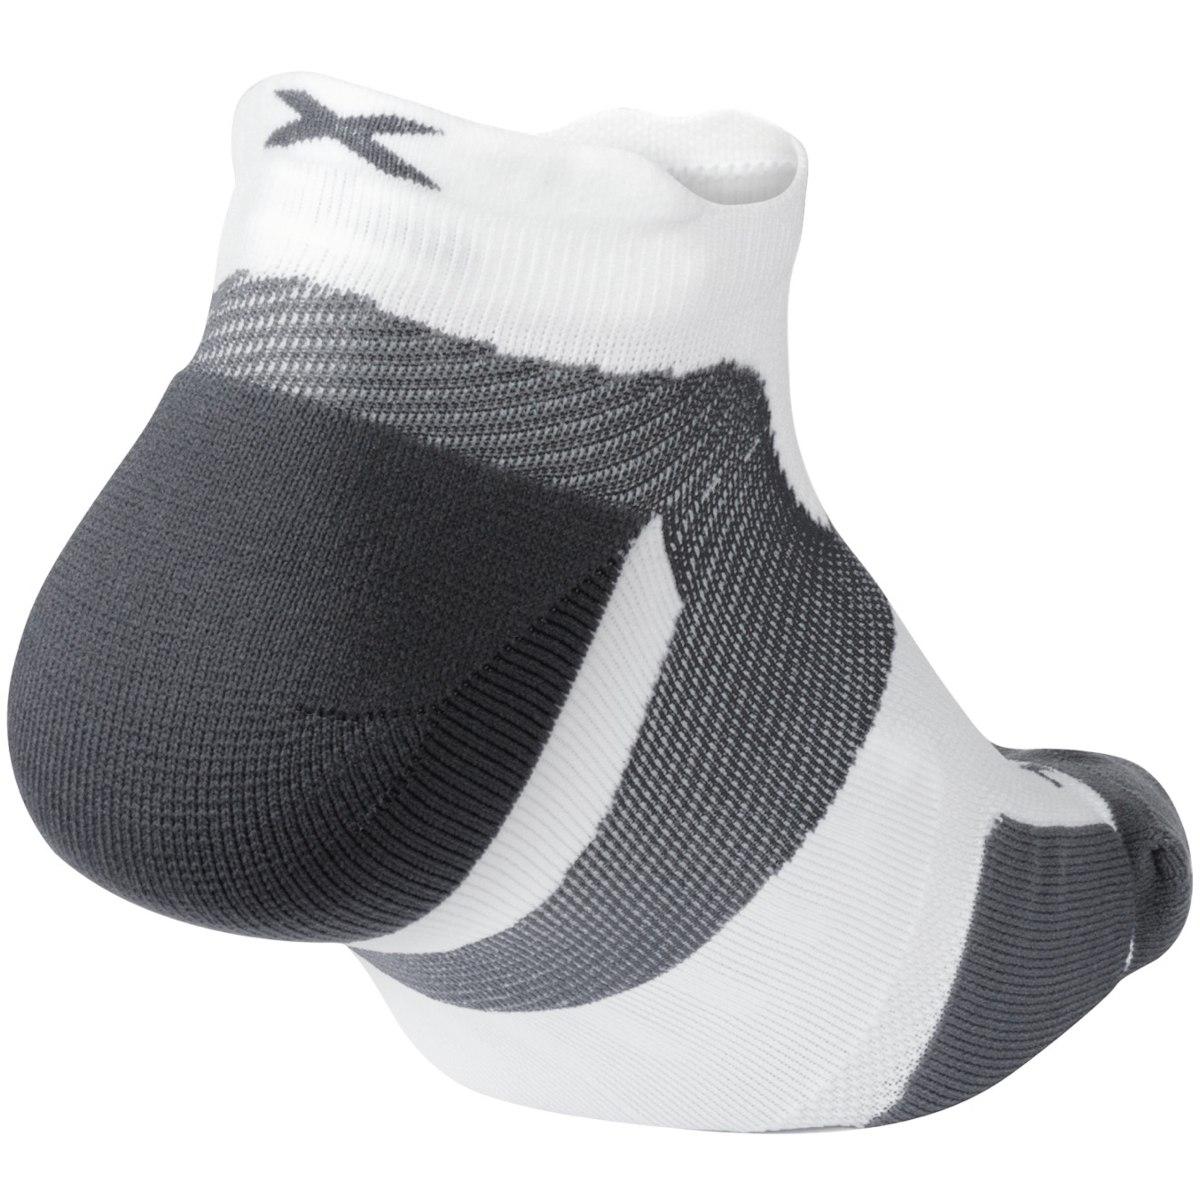 Imagen de 2XU Vectr Cushion No Show Socks - white/grey